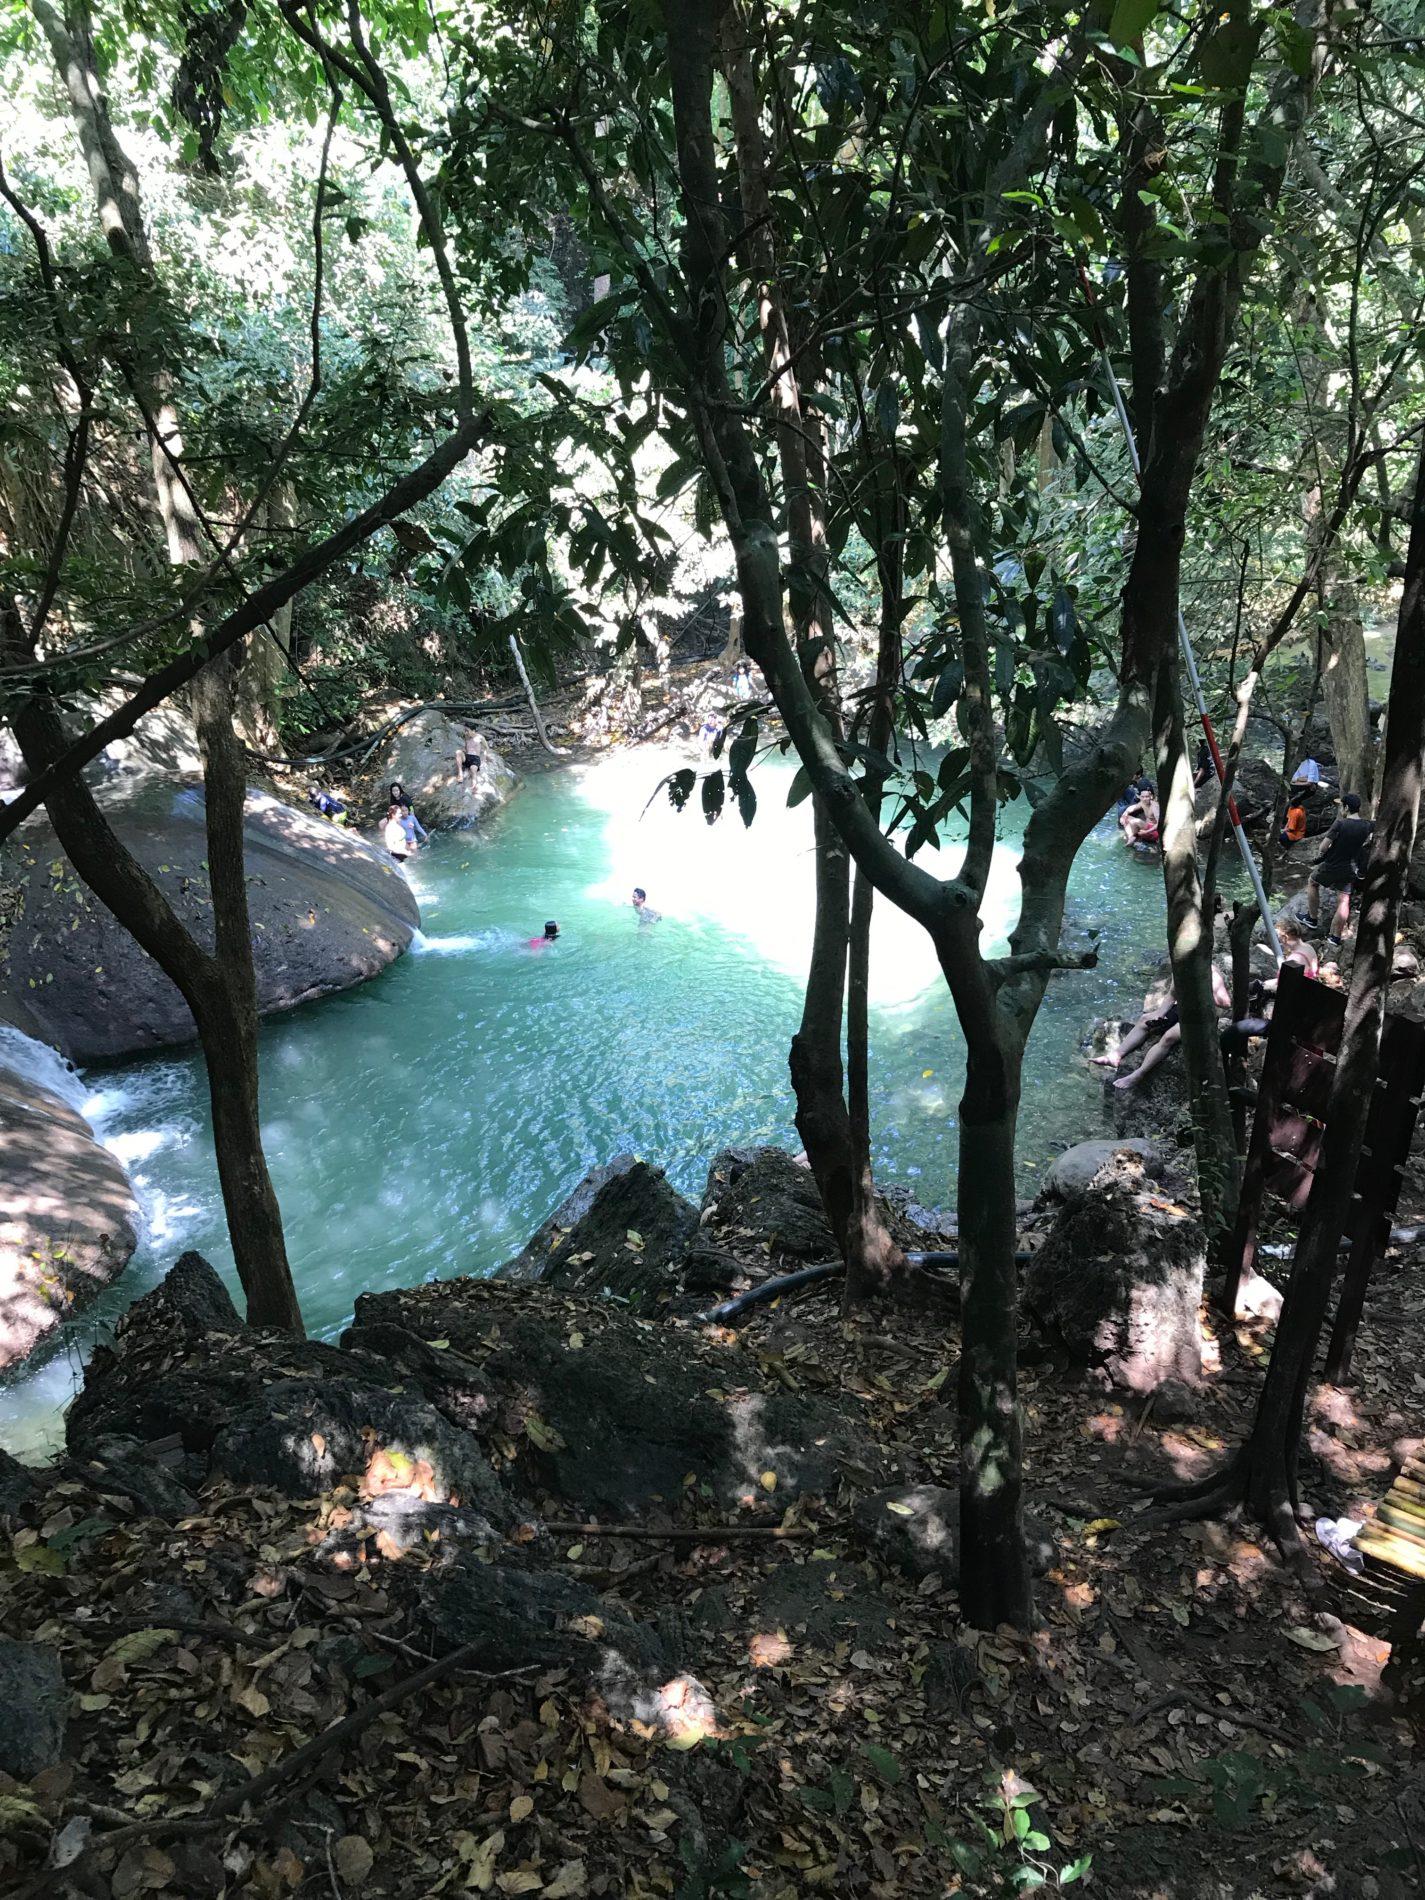 エラワン国立公園 エラワンの滝